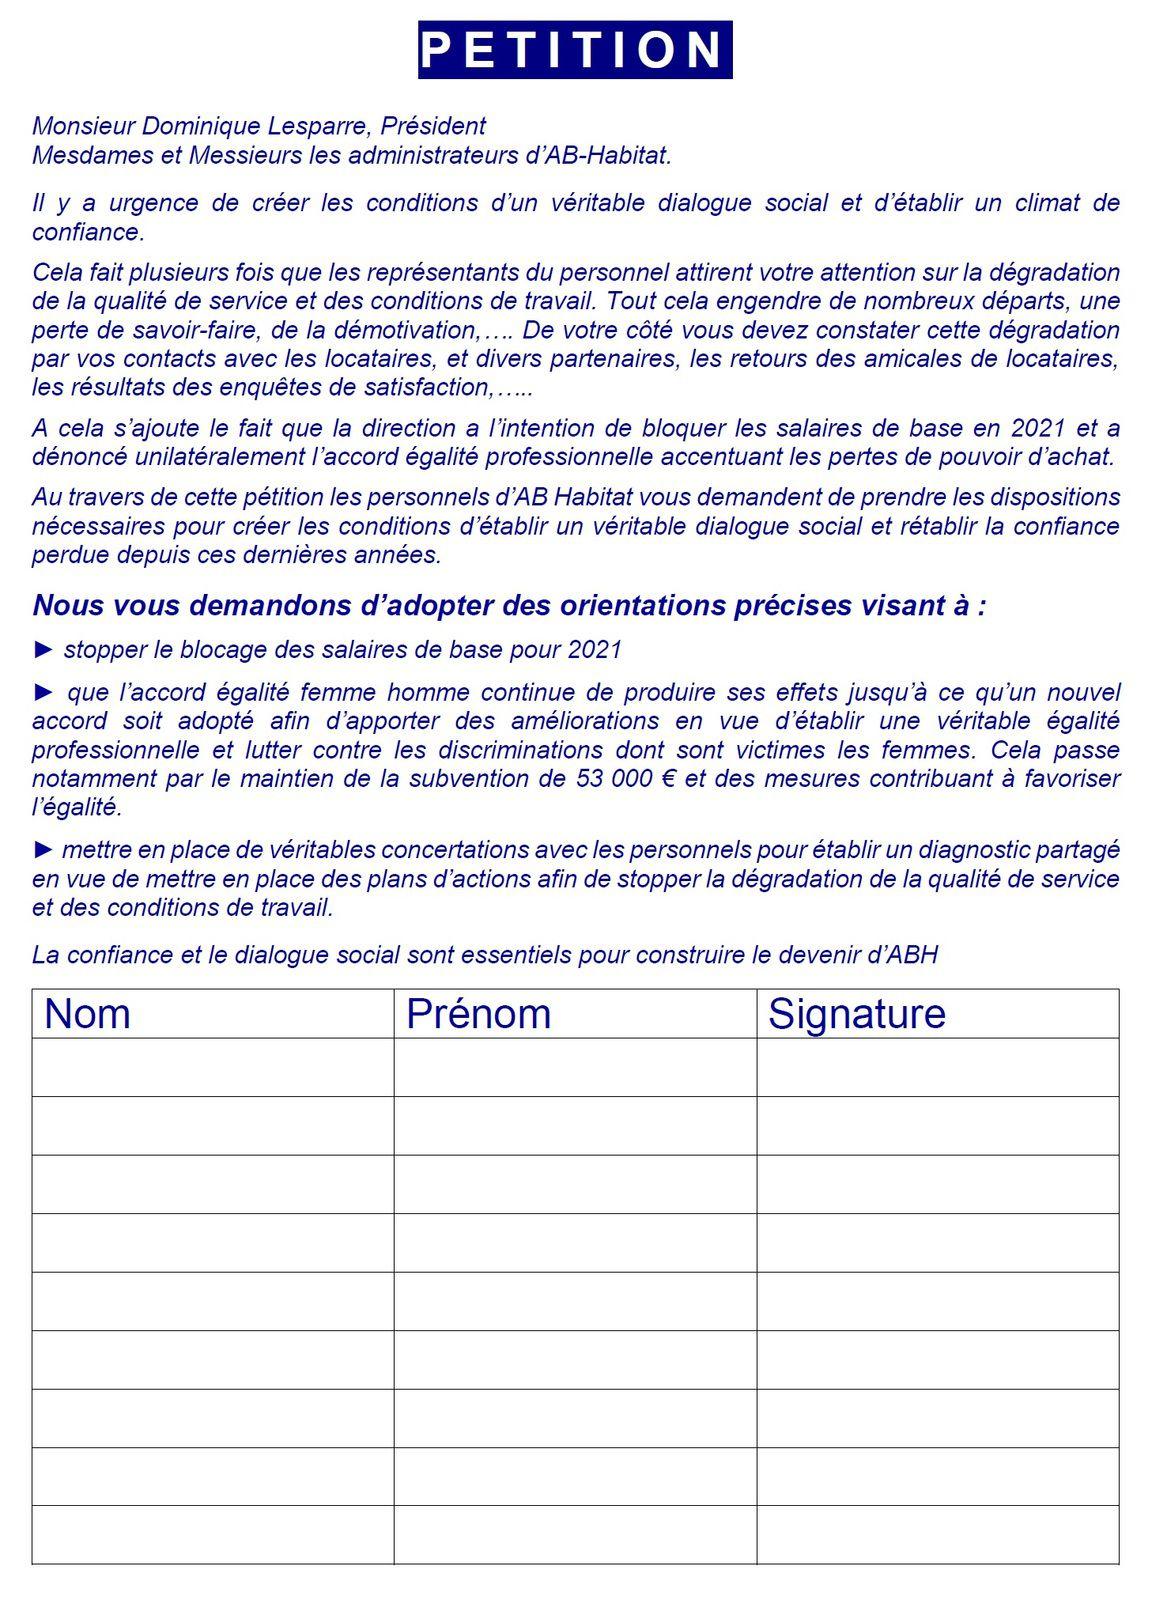 Les salariés d'AB Habitat s'invitent au conseil d'administration: où sont les valeurs des COOP HLM ?